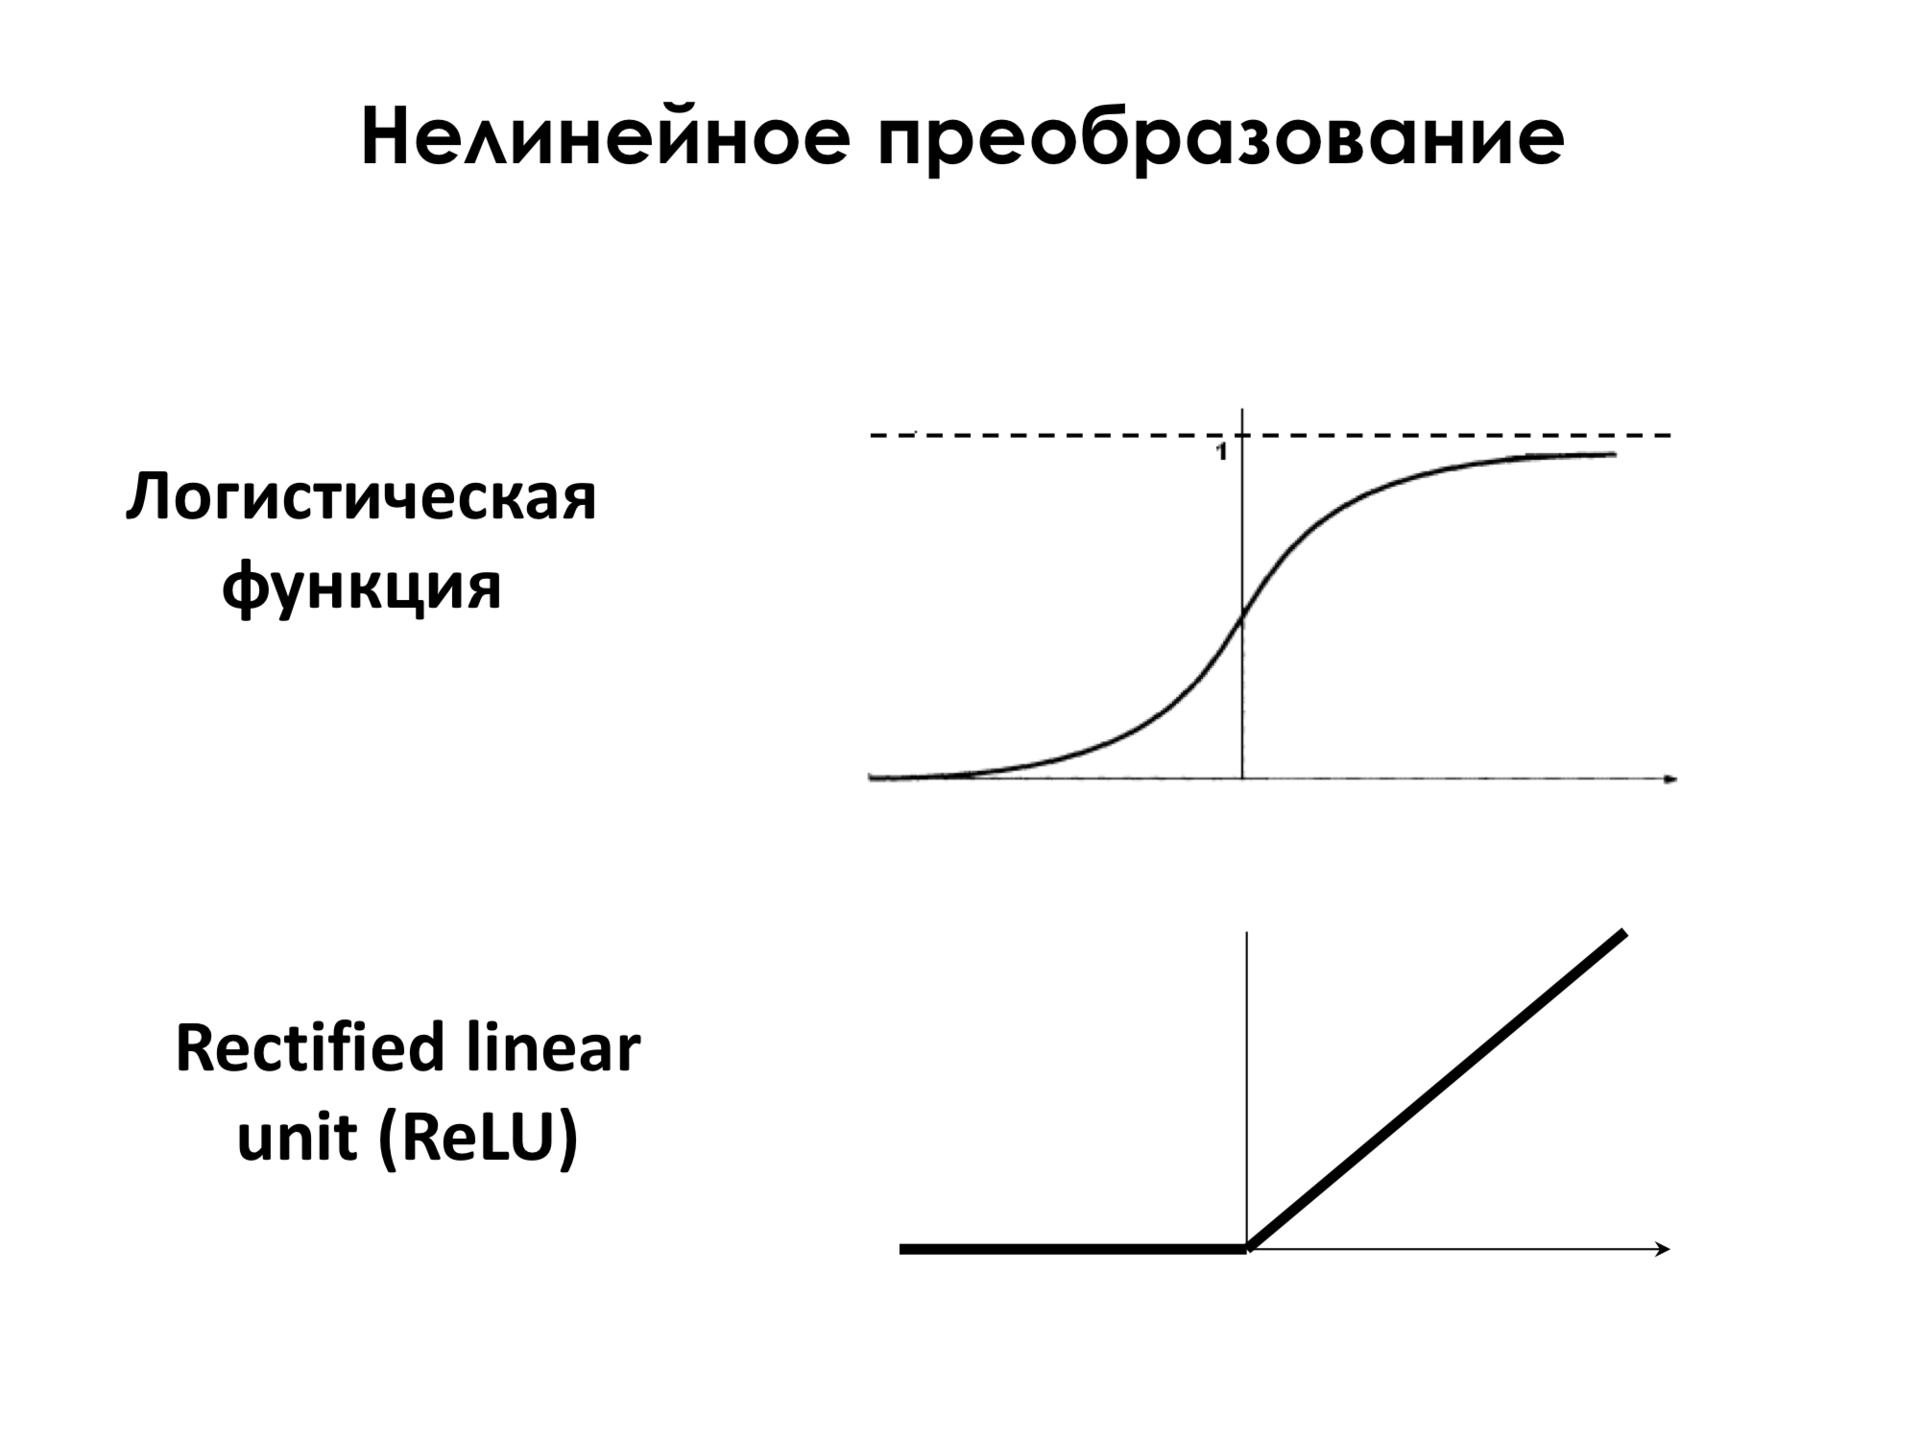 Самое главное о нейронных сетях. Лекция в Яндексе - 11